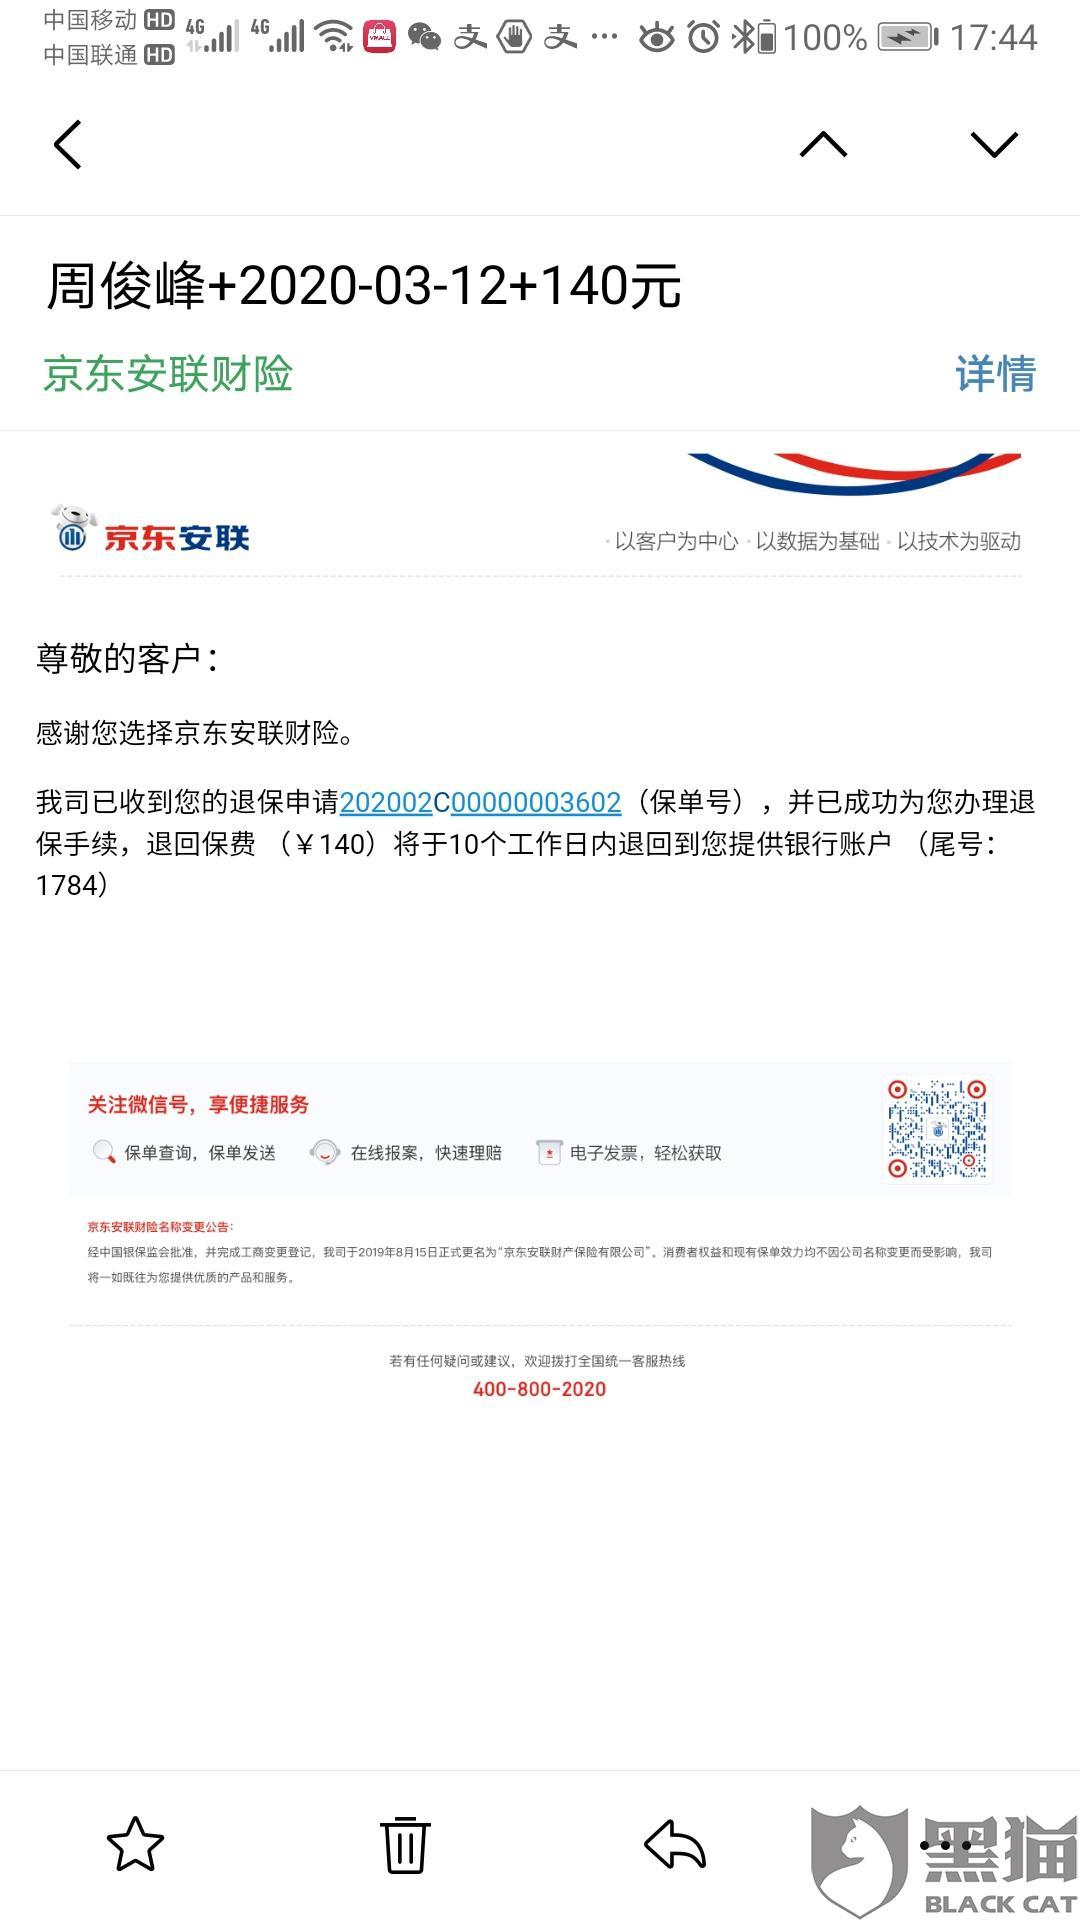 黑猫投诉:京东安联财险用时18小时解决了消费者投诉